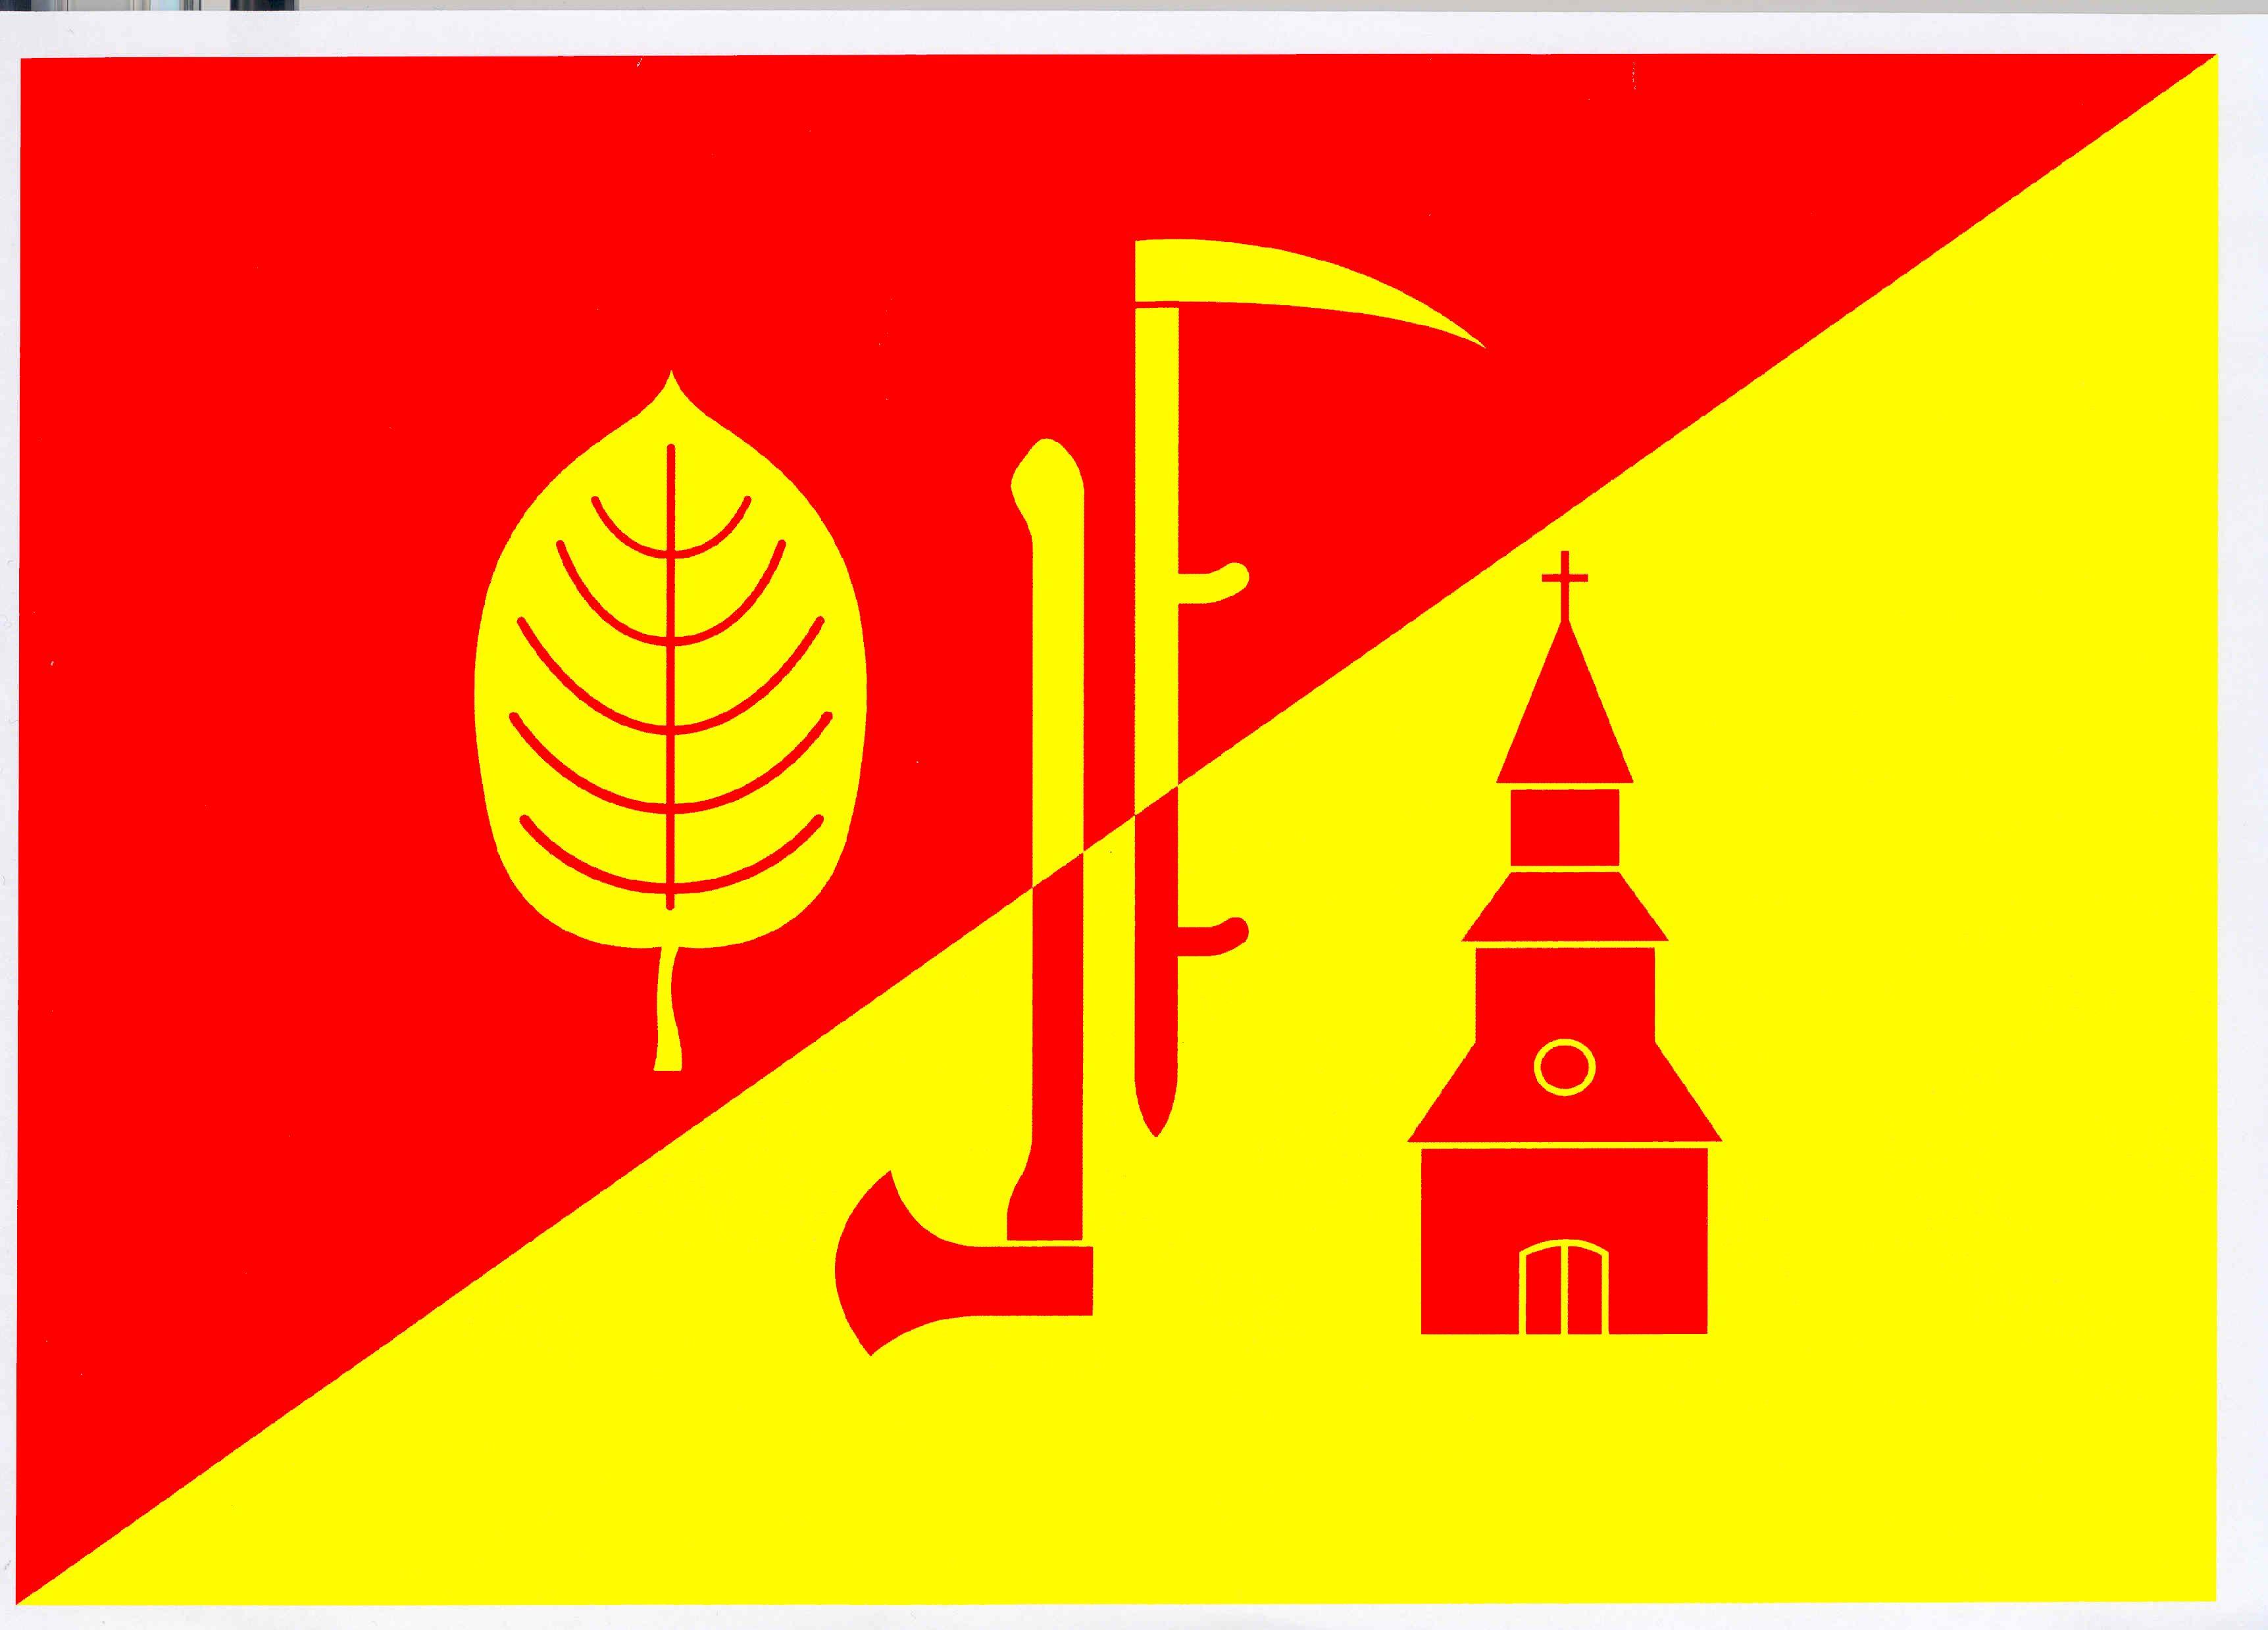 Flagge GemeindeBrunstorf, Kreis Herzogtum Lauenburg